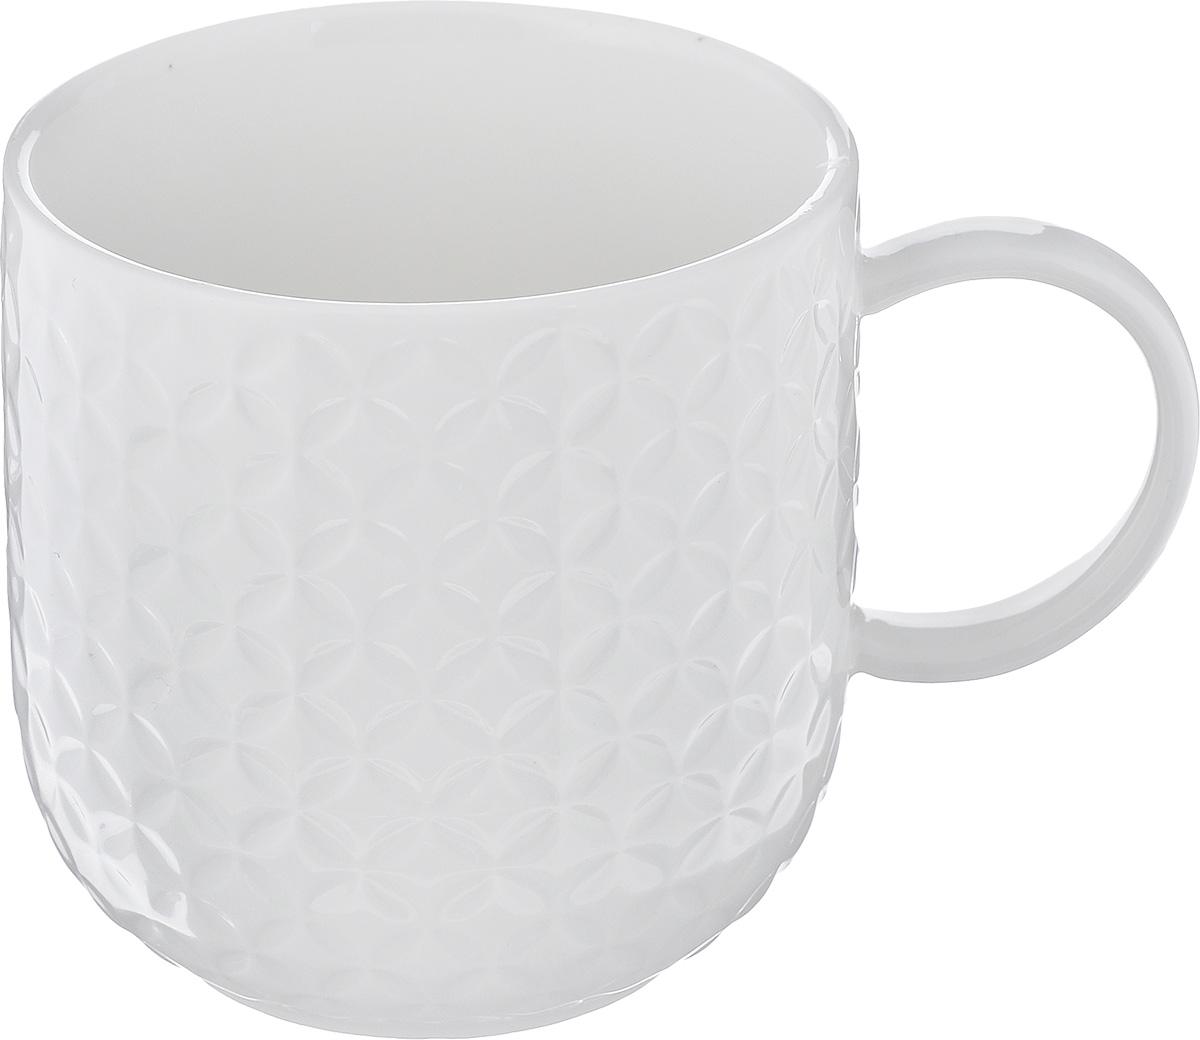 Кружка Walmer Quincy, цвет: белый, 350 млW07520035Кружка Walmer Quincy изготовлена из высококачественного фарфора. Изделие оформлено изысканным рельефным орнаментом. Такая кружка прекрасно оформит стол к чаепитию и станет его неизменным атрибутом.Не рекомендуется применять абразивные моющие средства. Диаметр (по верхнему краю): 8 см. Высота: 8,5 см.